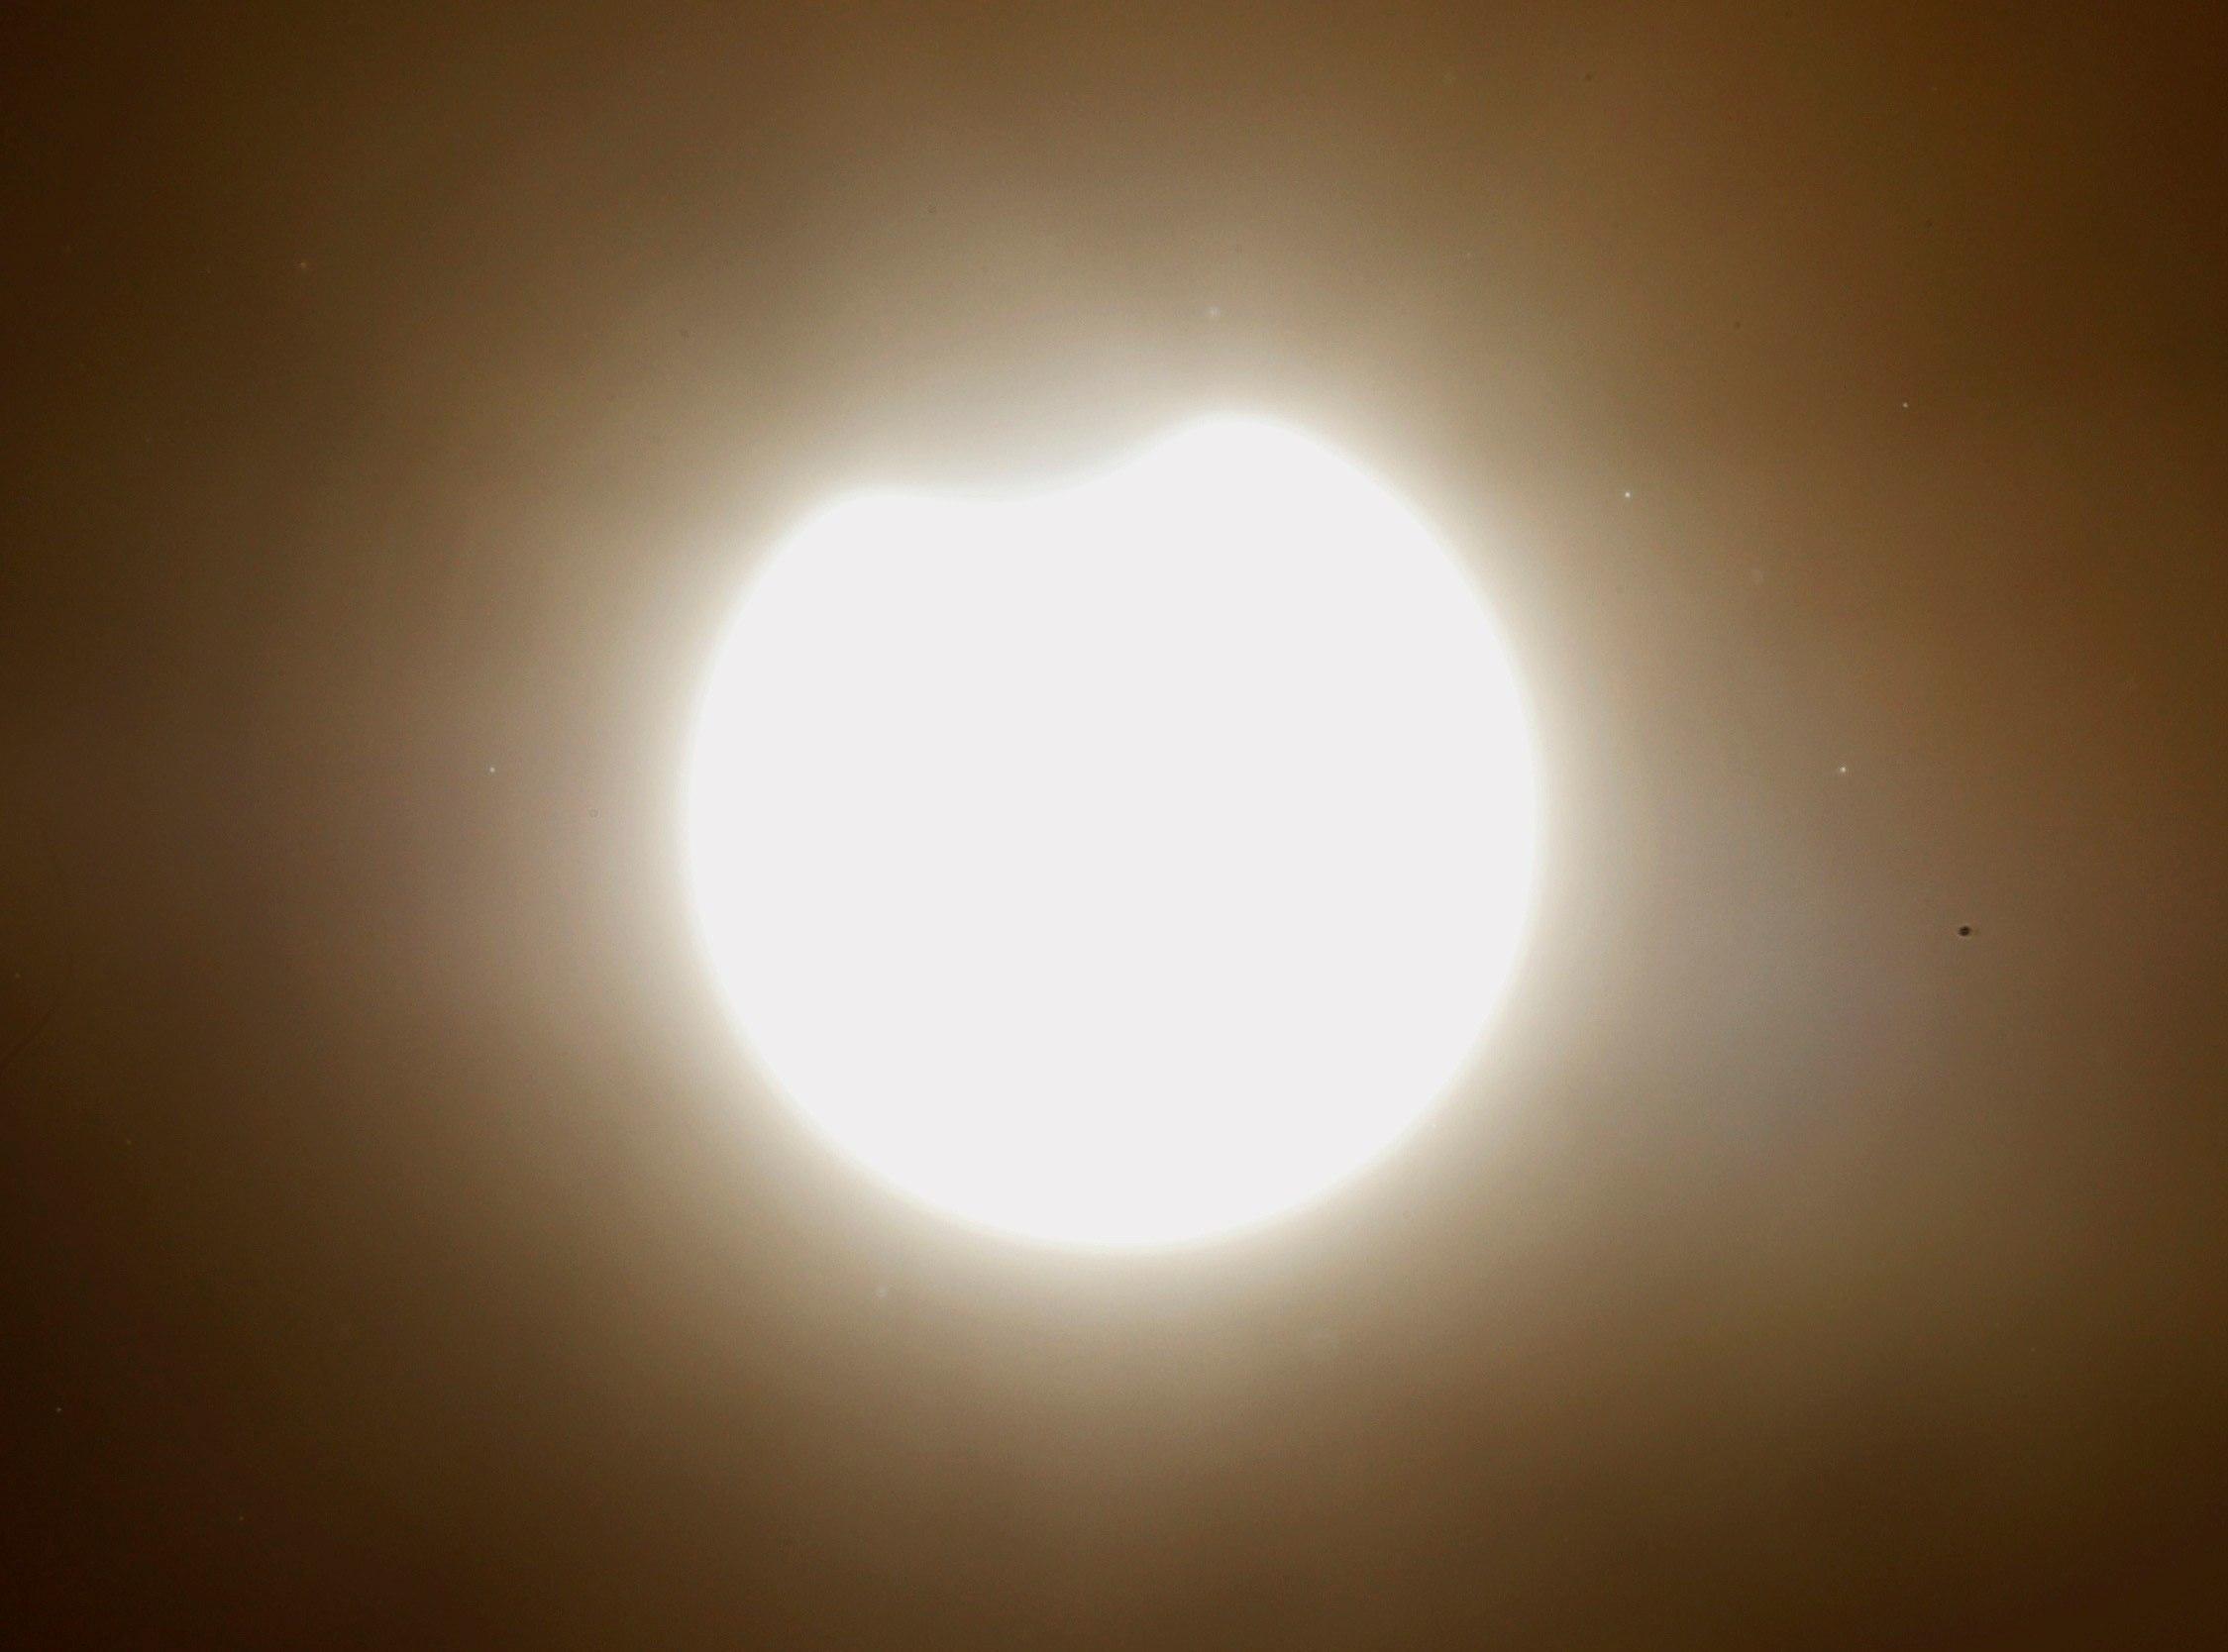 El eclipse anular de Sol visto desde la Plaza del Obradoiro, en Santiago de Compostela